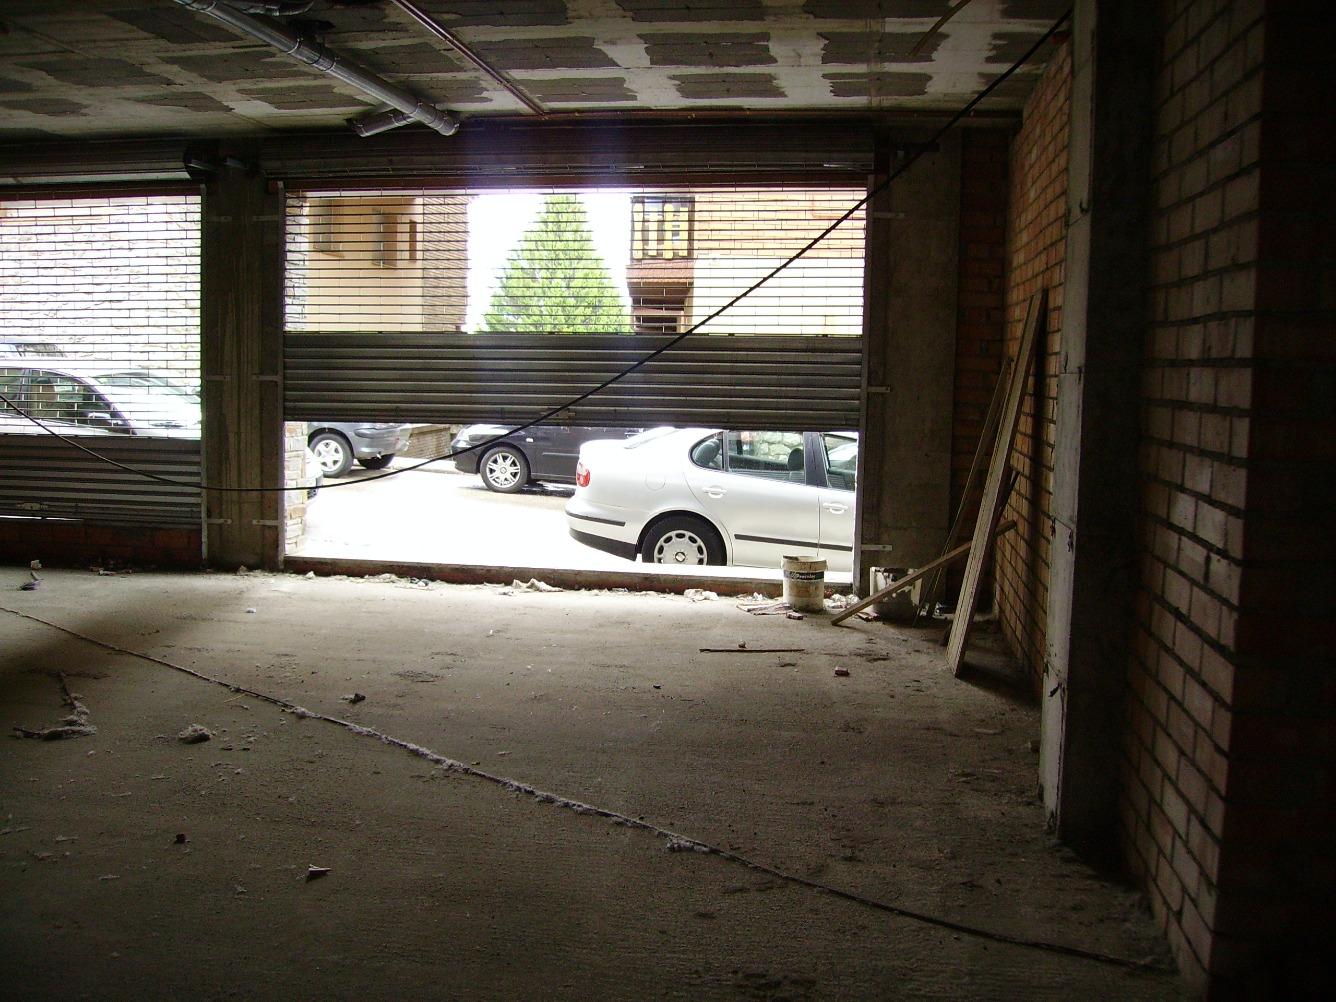 Alquiler Local Comercial  Calle antiga duana, 1. 88 m2 totales , divisible en dos locales de 44 m2 cada uno con d